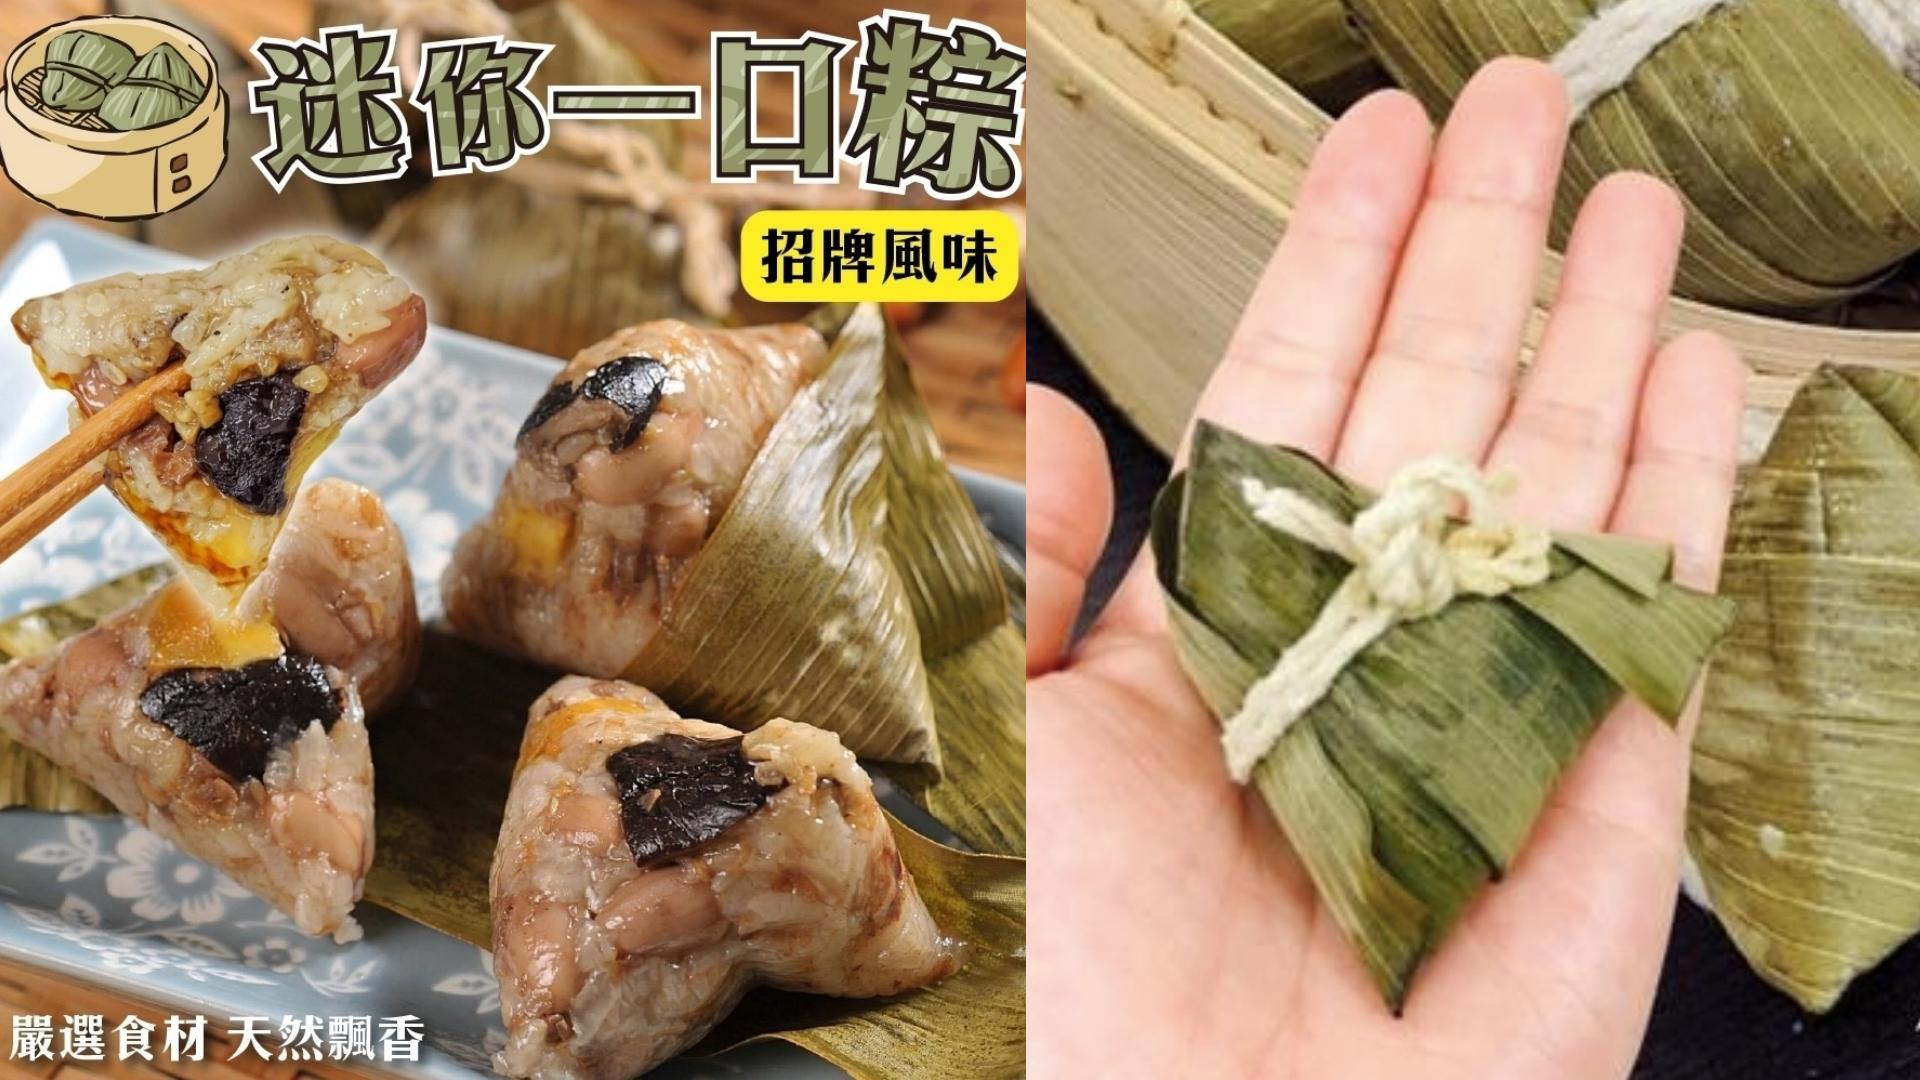 一顆只比五十元硬幣大一點,以竹葉包覆特選食材,製作起來一點都不馬虎,一顆入口,香氣瞬間炸開超美味!